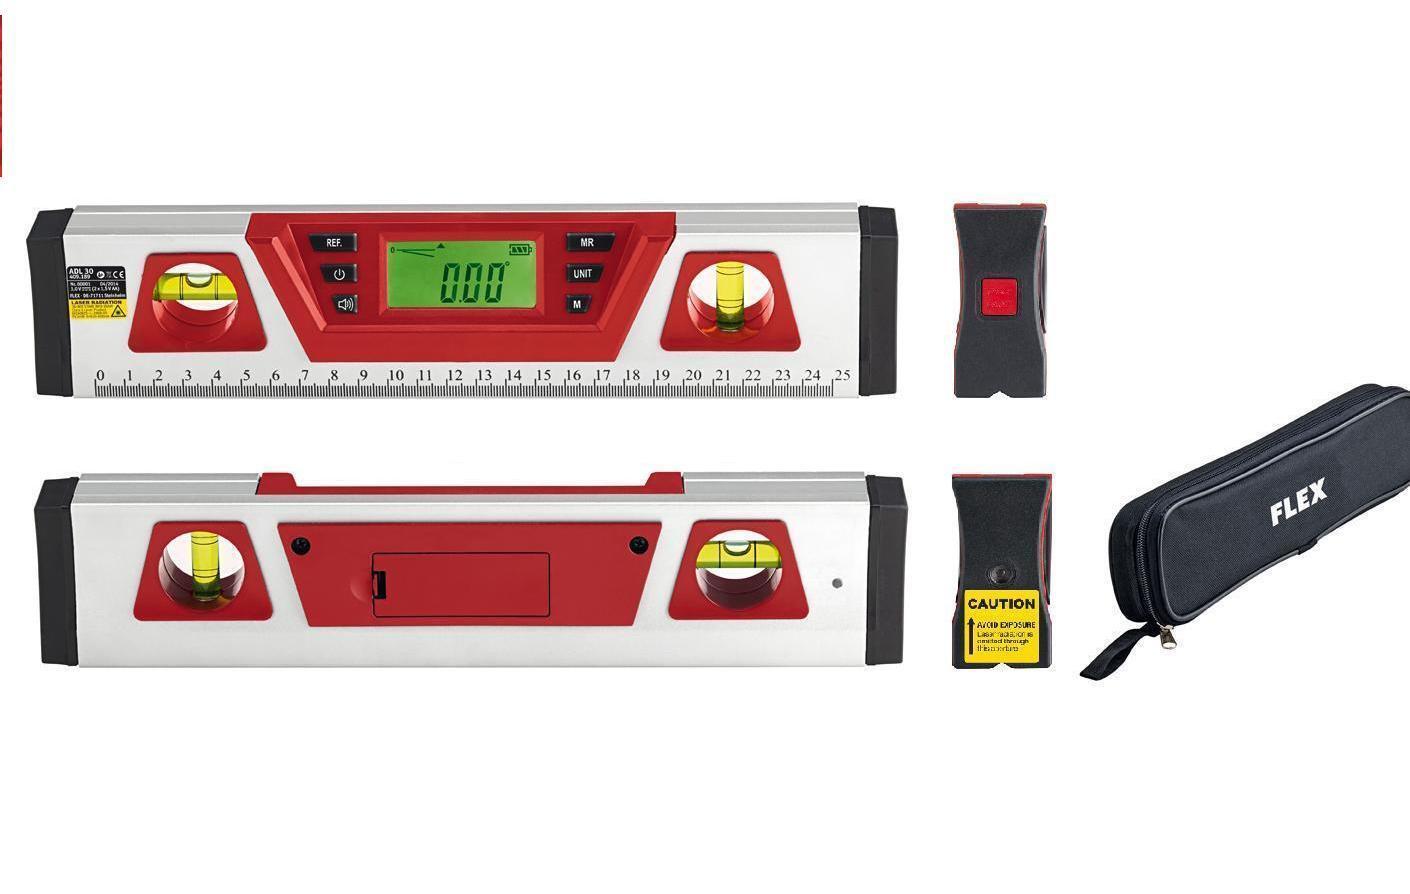 Flex  Digitale Wasserwaage ADL 300 mit Tasche              409 189